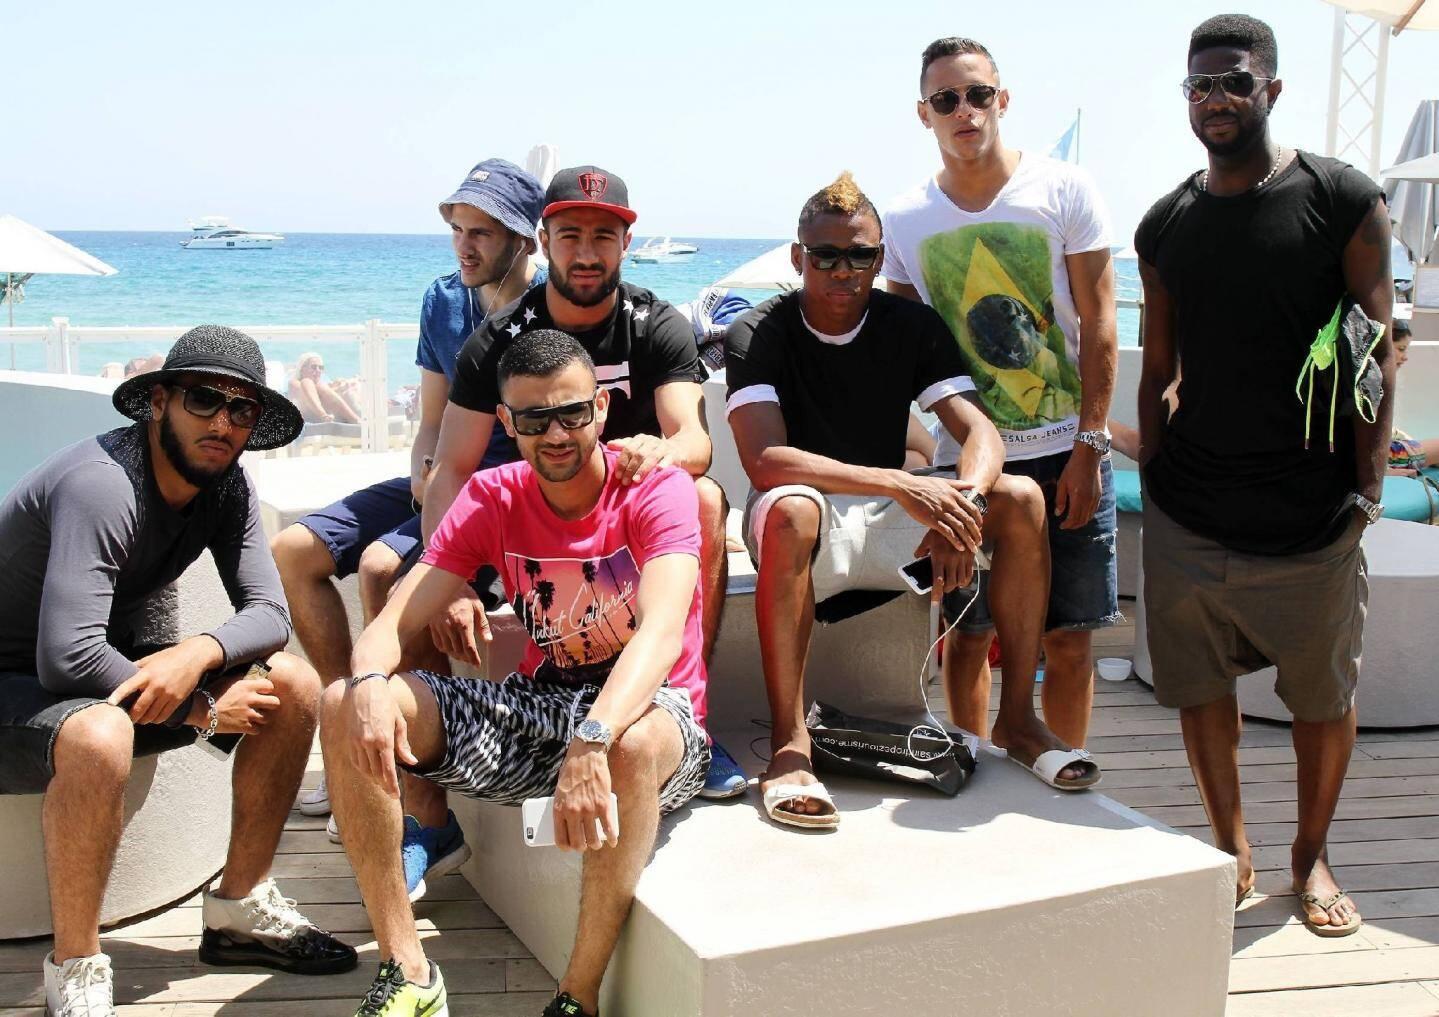 Un nouveau groupe à la mode ? Non, mais le «crew» lyonnais en place à Pampelonne : Farhès Bahlouli, Yassine Benzia, Rachid Ghezzal, Nabil Fekir, Clinton Njie, Mehdi Zeffane et Arnold Mvuemba.